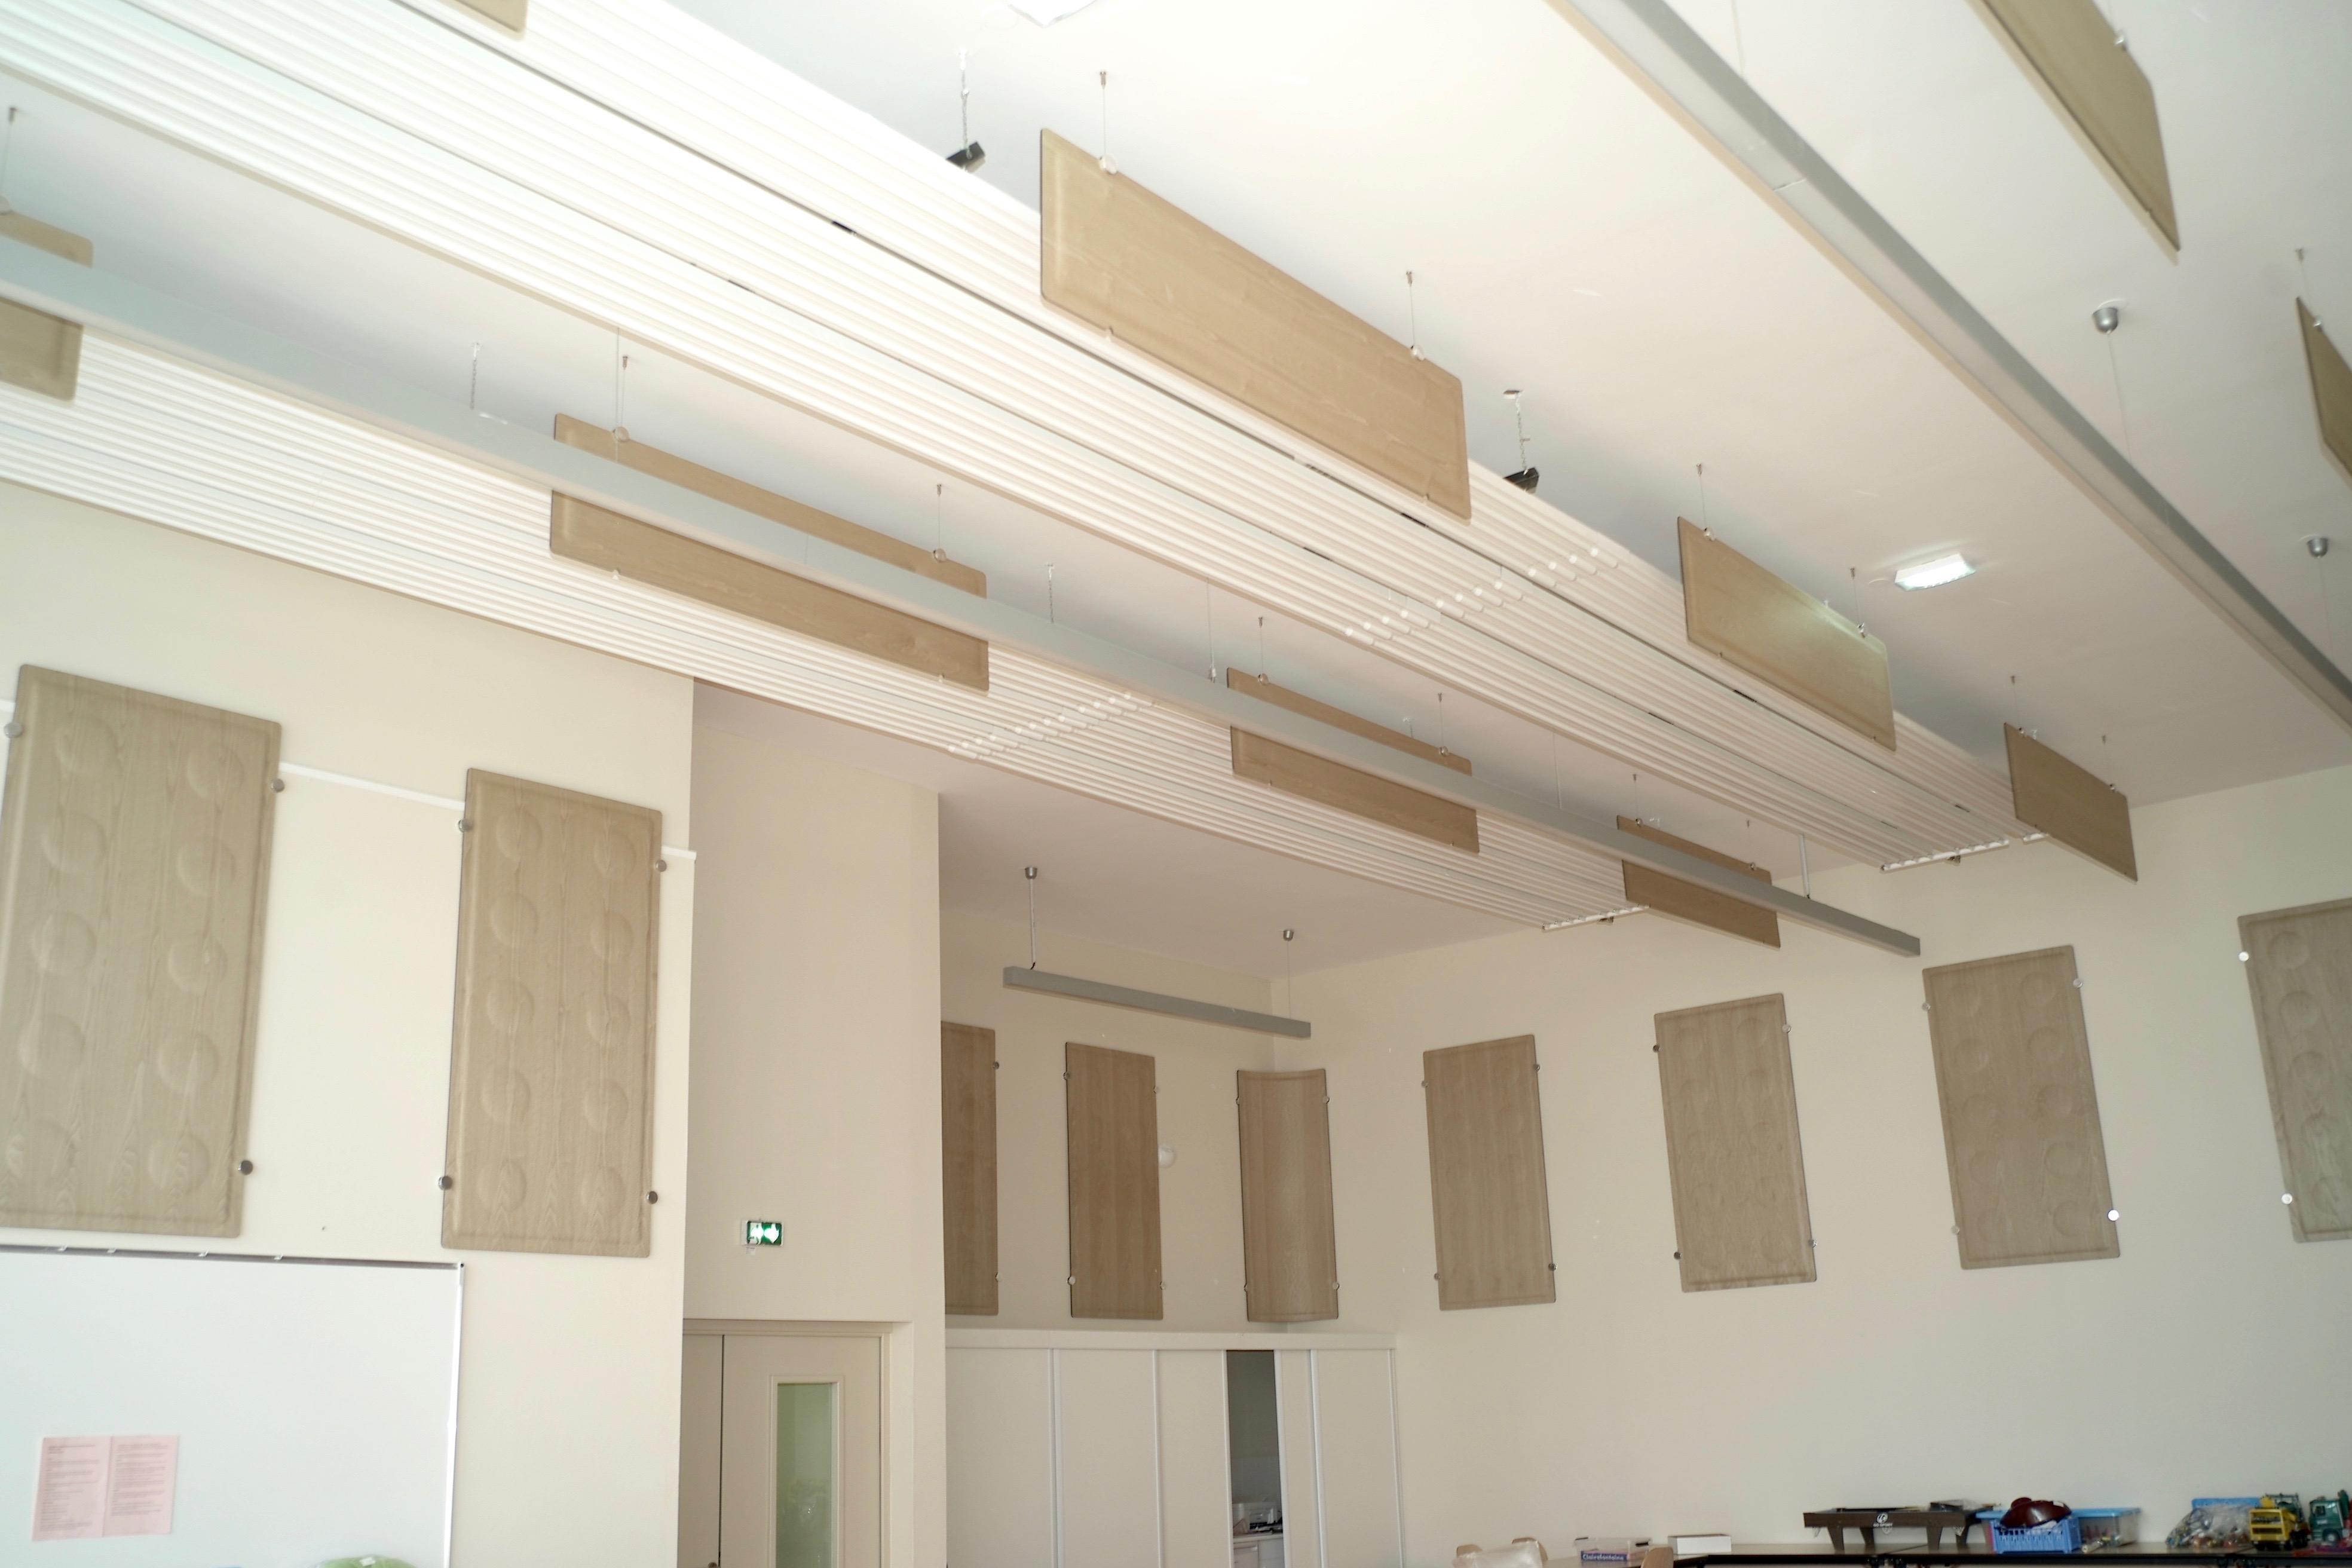 Traitement acoustique salle polyvalente Dommartin les Toul